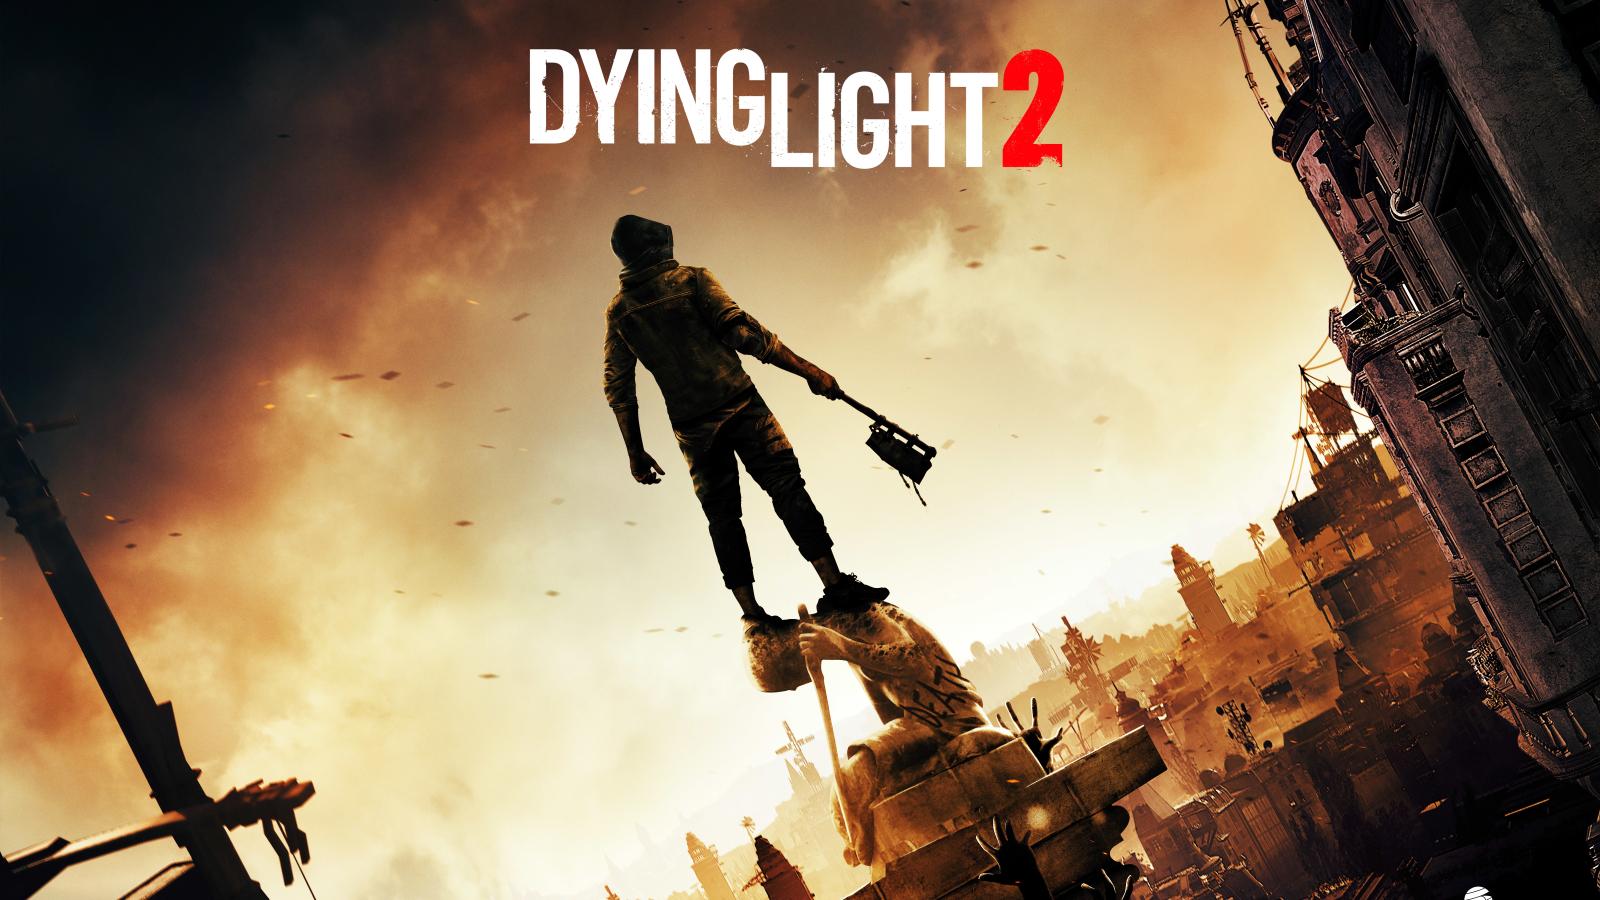 Разработчики Dying Light 2 прервали молчание, но лишь для обещания  рассказать об игре в 2021 году